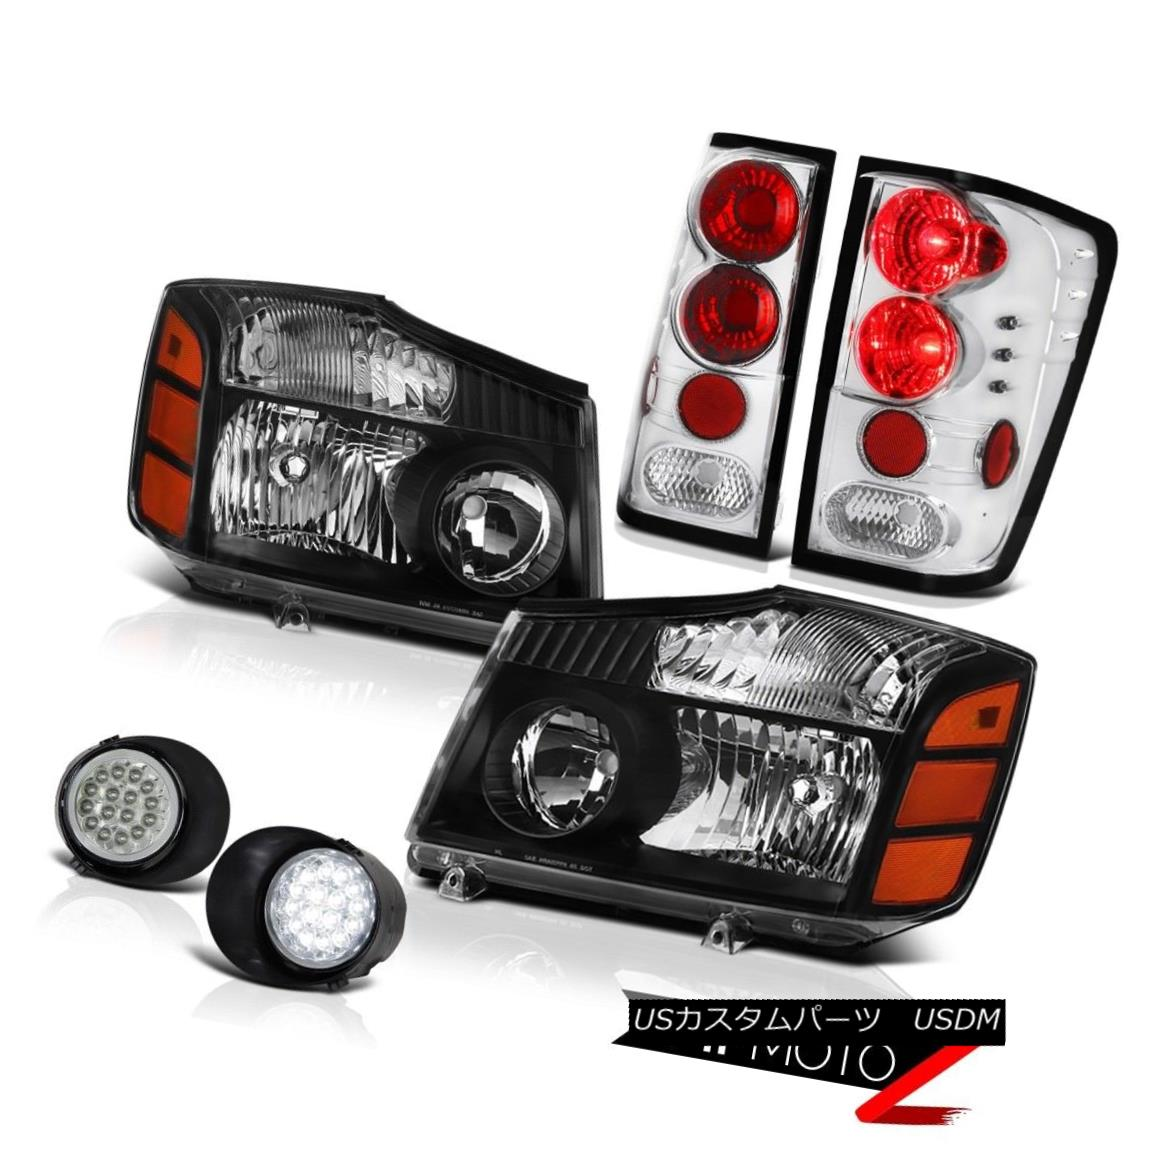 テールライト For 2004-2015 Titan Pro-4X Black Headlamps Tail Light Headlight Rear Light Fog 2004年?2015年Titan Pro-4Xブラックヘッドランプテールライトヘッドライトリアライトフォグ